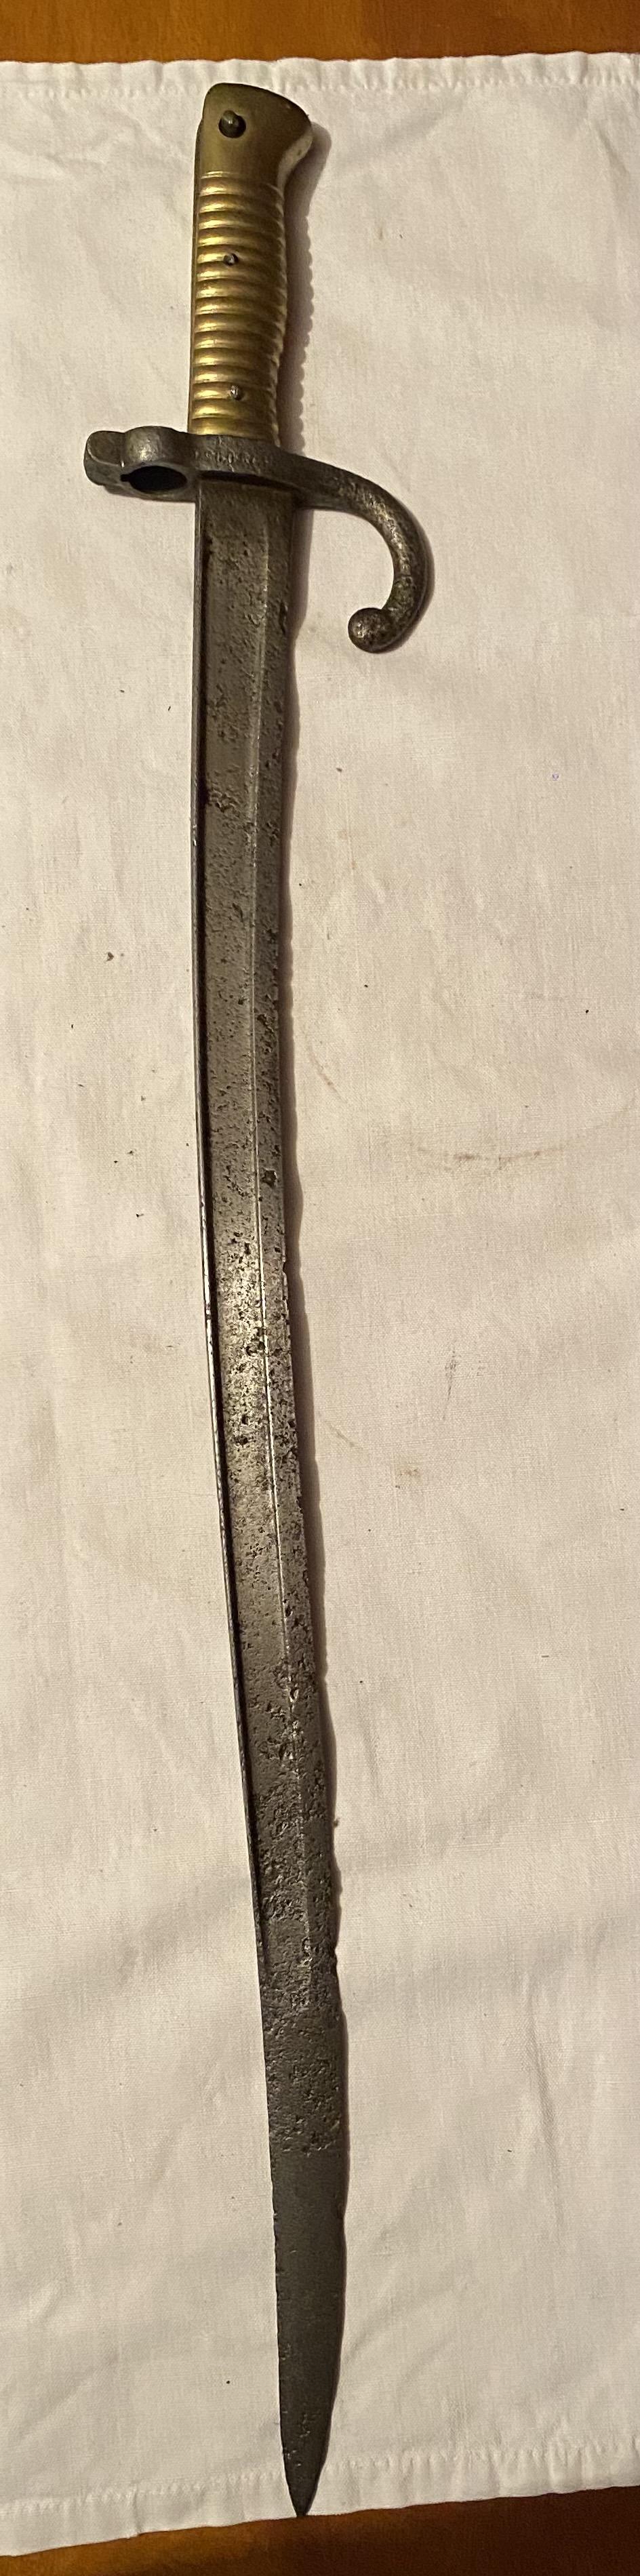 52 armes blanches ! Baïonnettes, dagues, toutes nationalités et époques ! Part 1 4_110